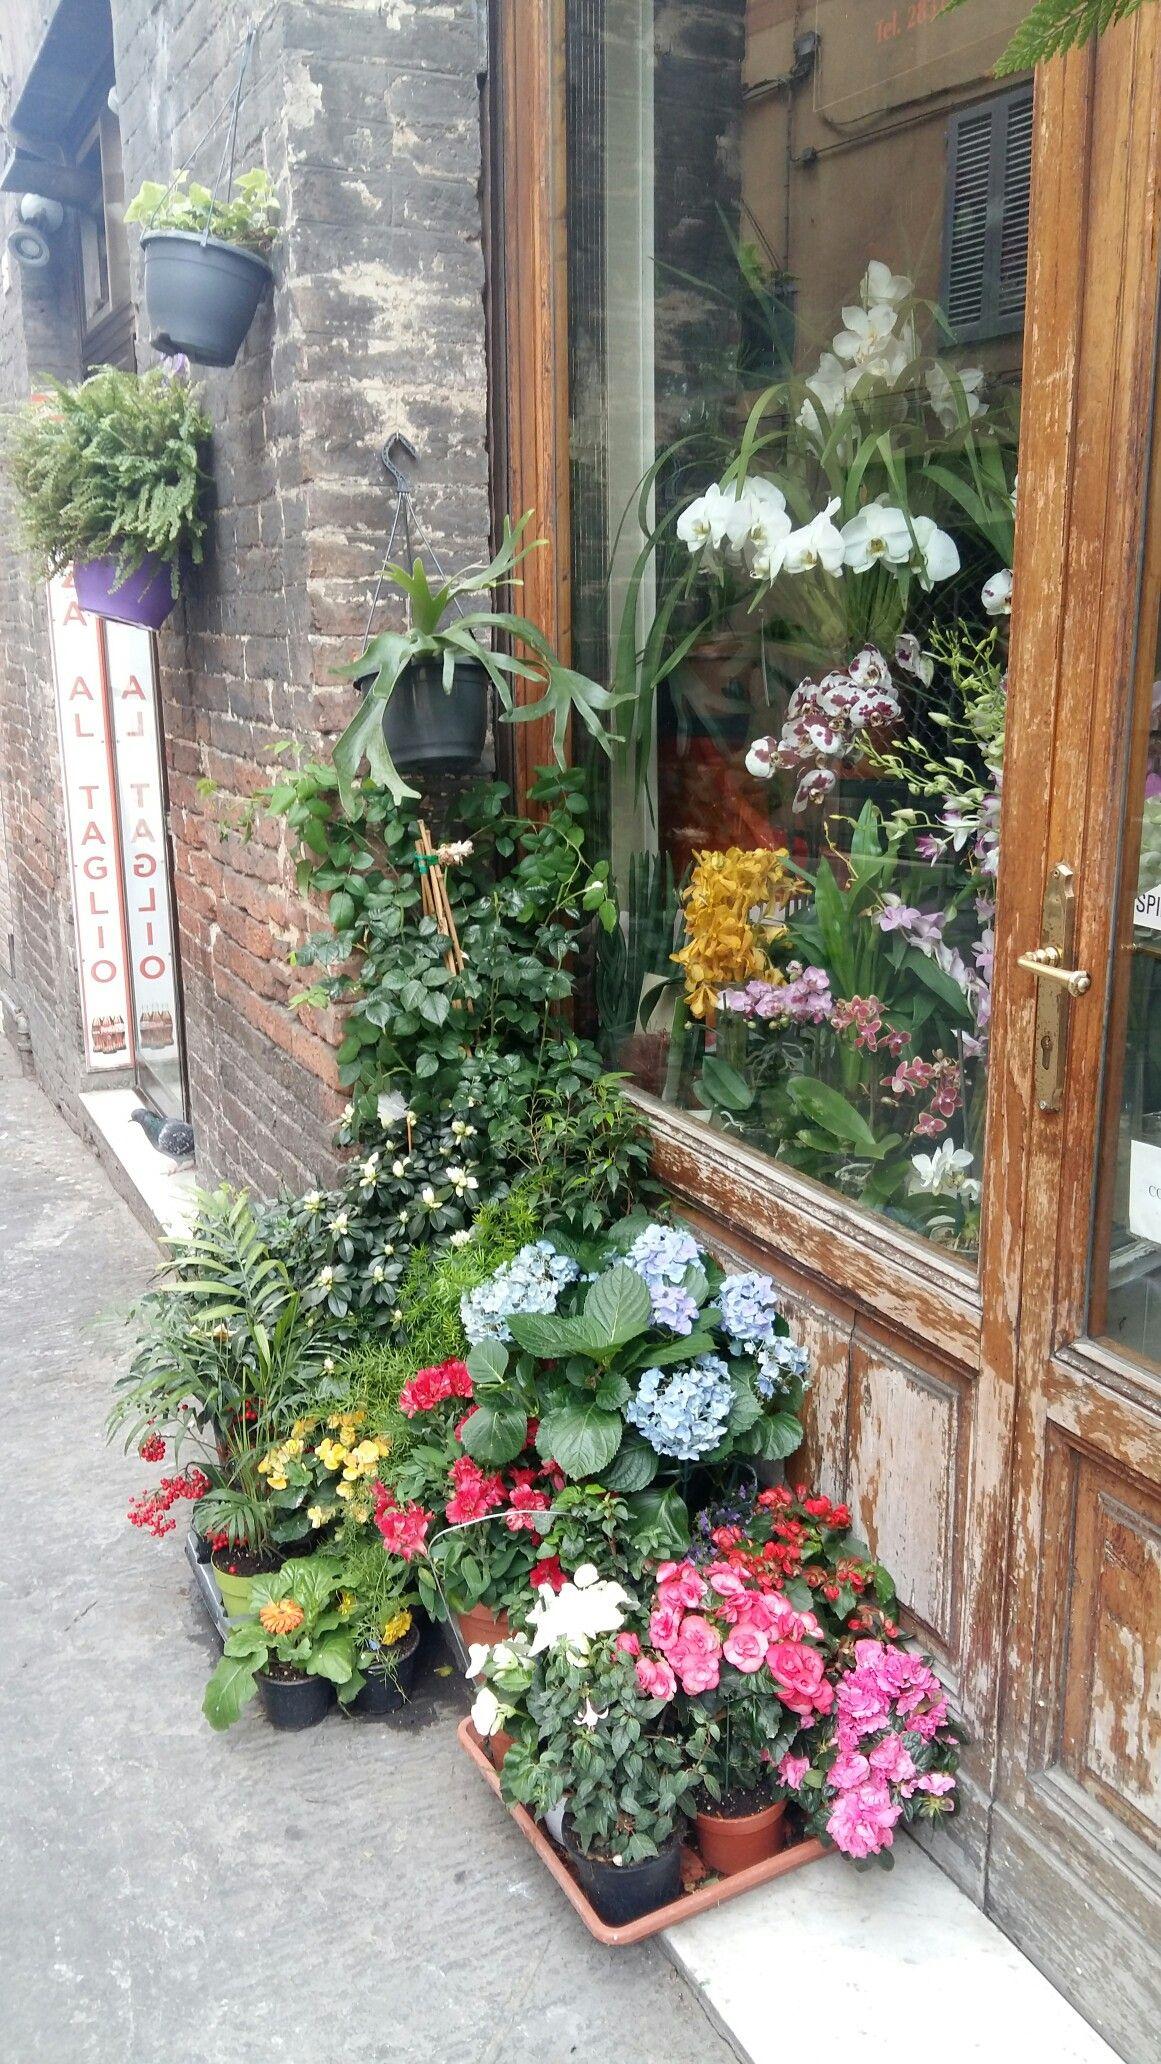 Negozio fiori Toscana Fiori, Piante, Toscana